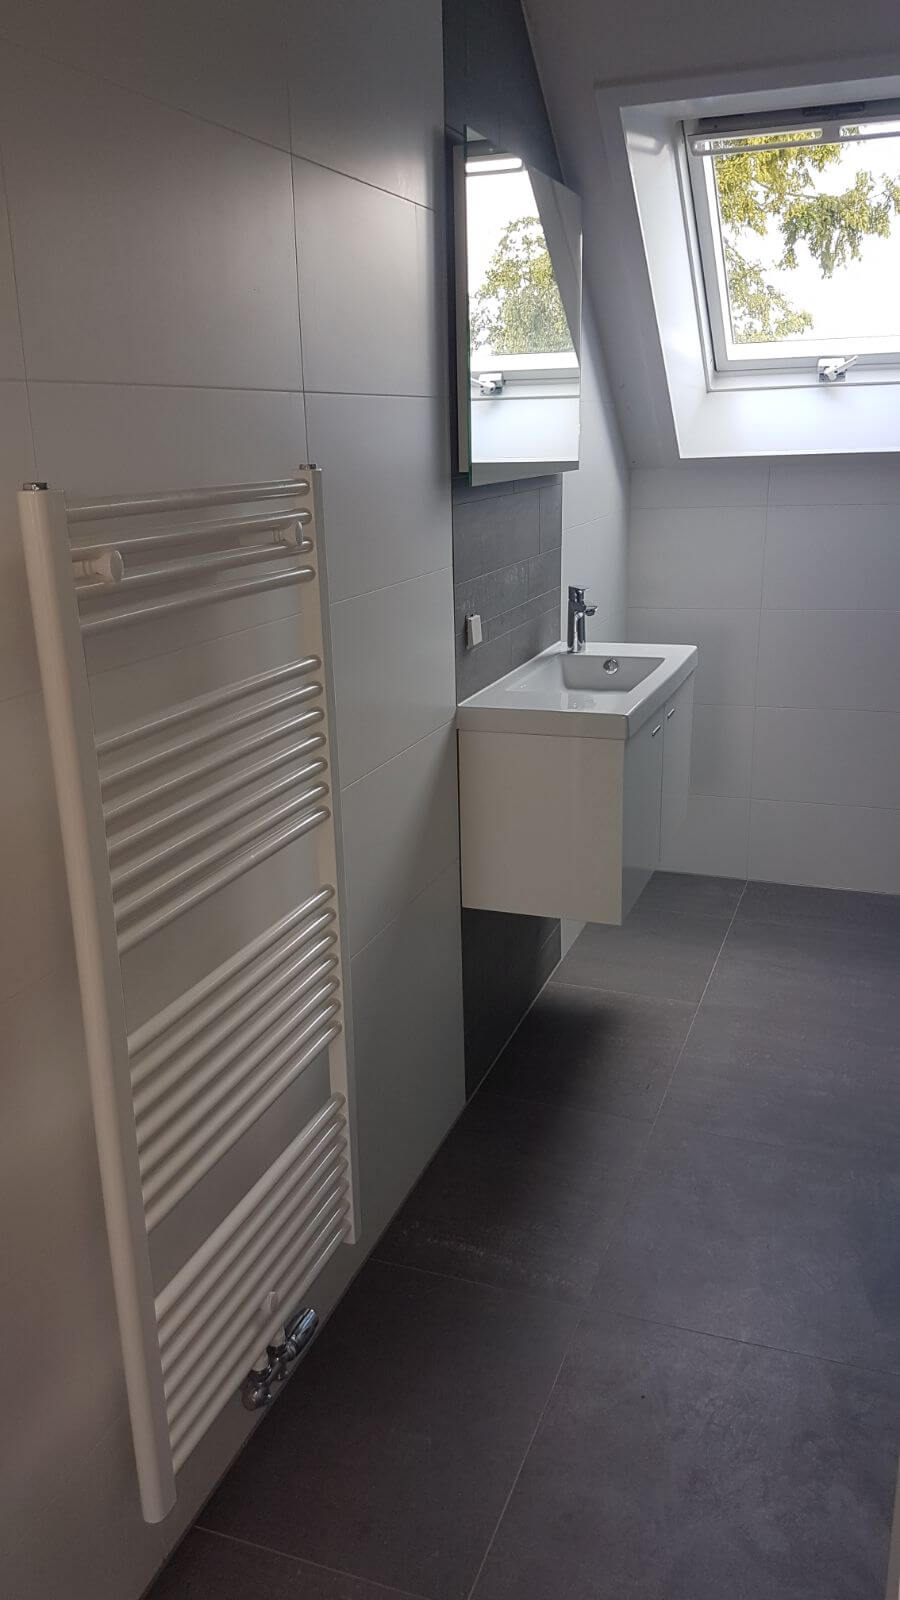 Plaatsen verwarming badkamer